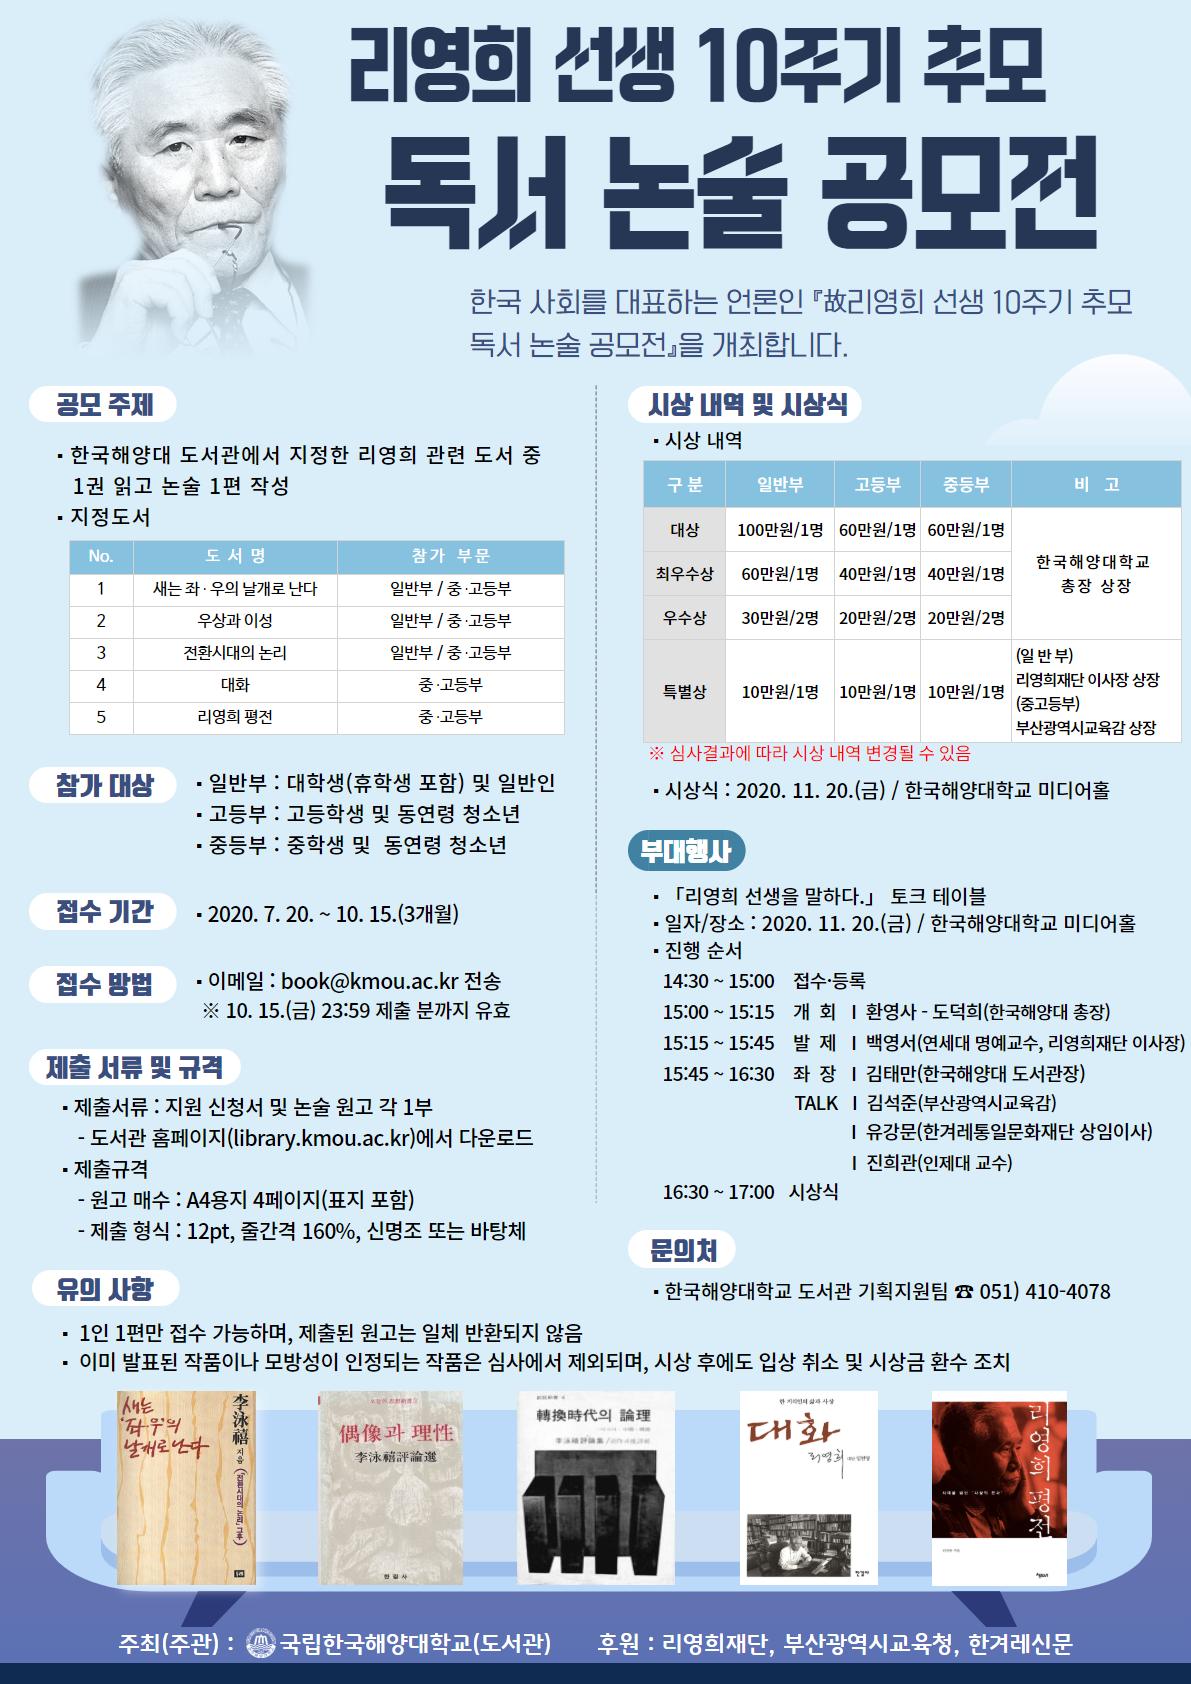 「리영희 선생 10주기 추모 독서 논술 공모전 개최